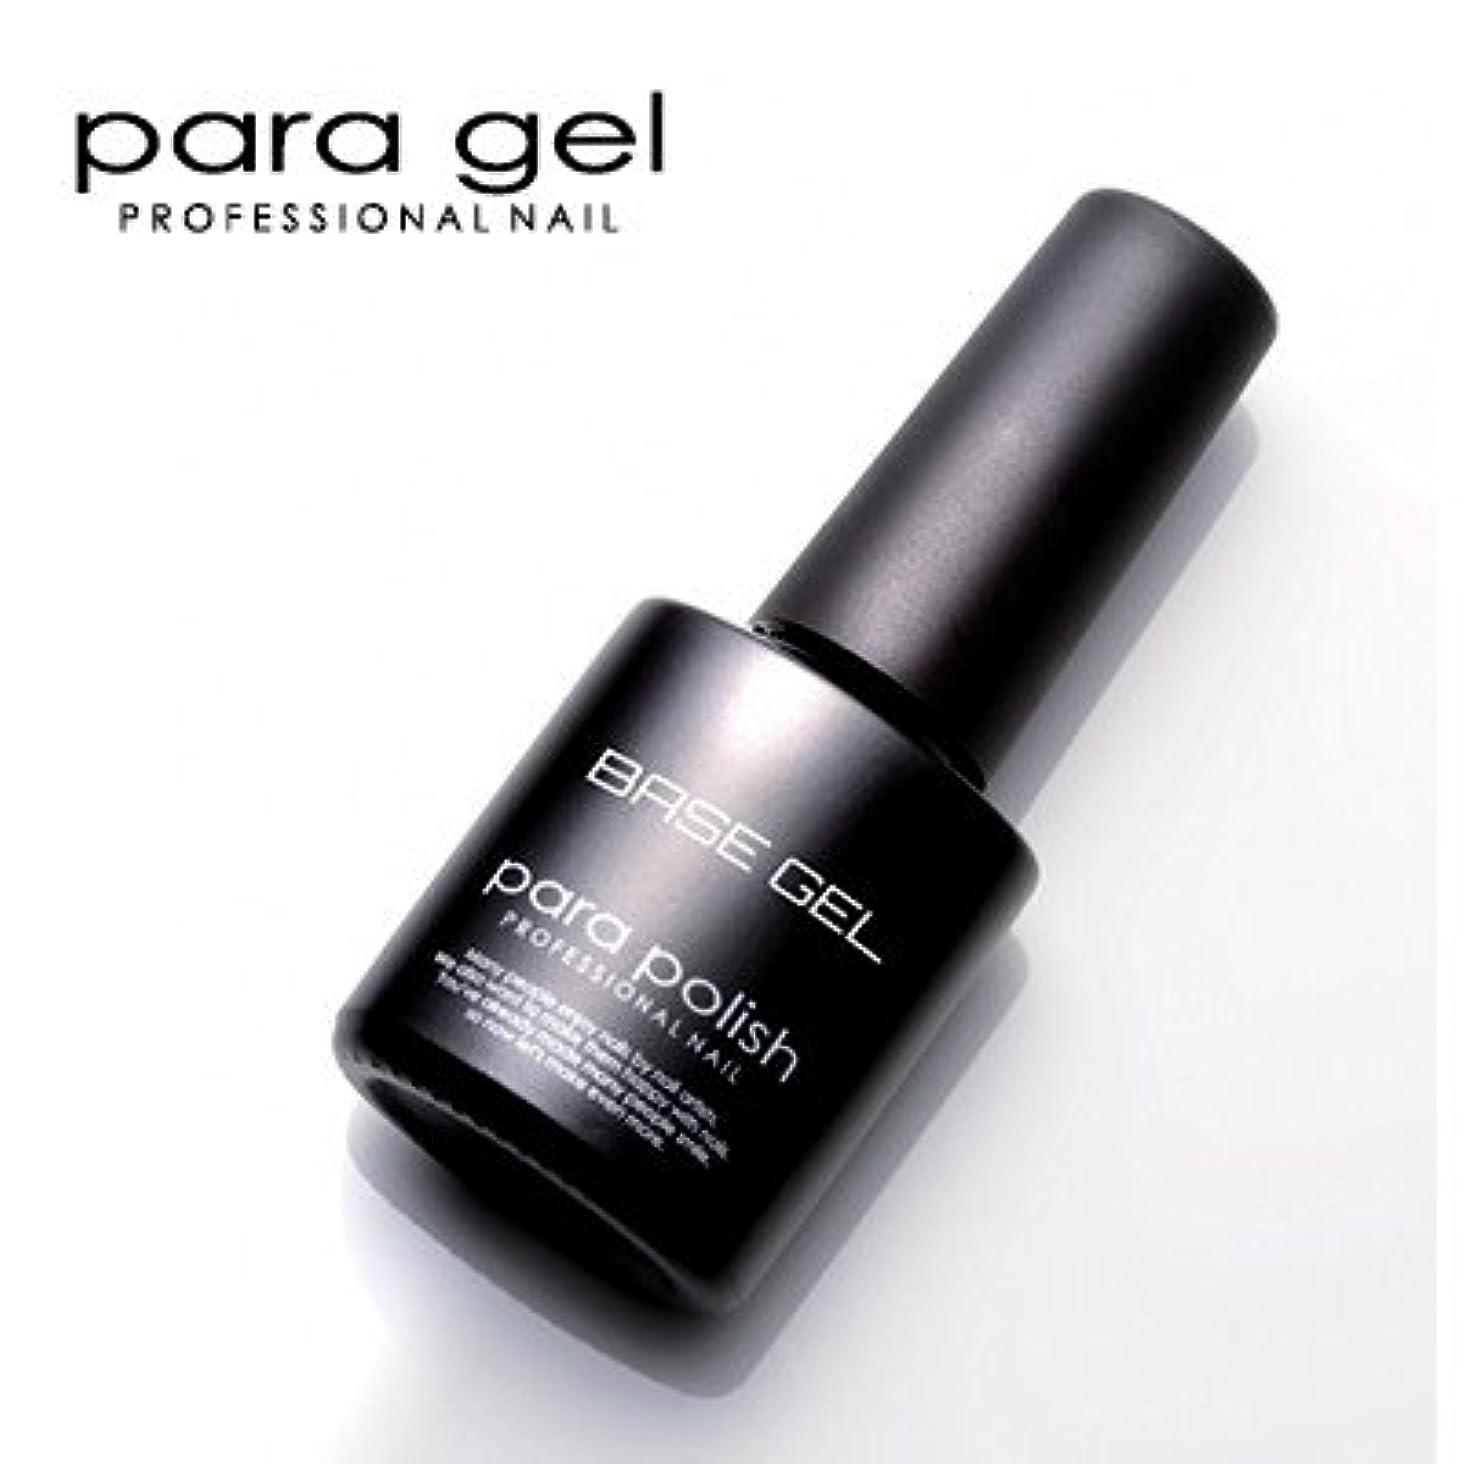 反応するポータブル北方パラジェル para polish(パラポリッシュ) ベースジェル 7g